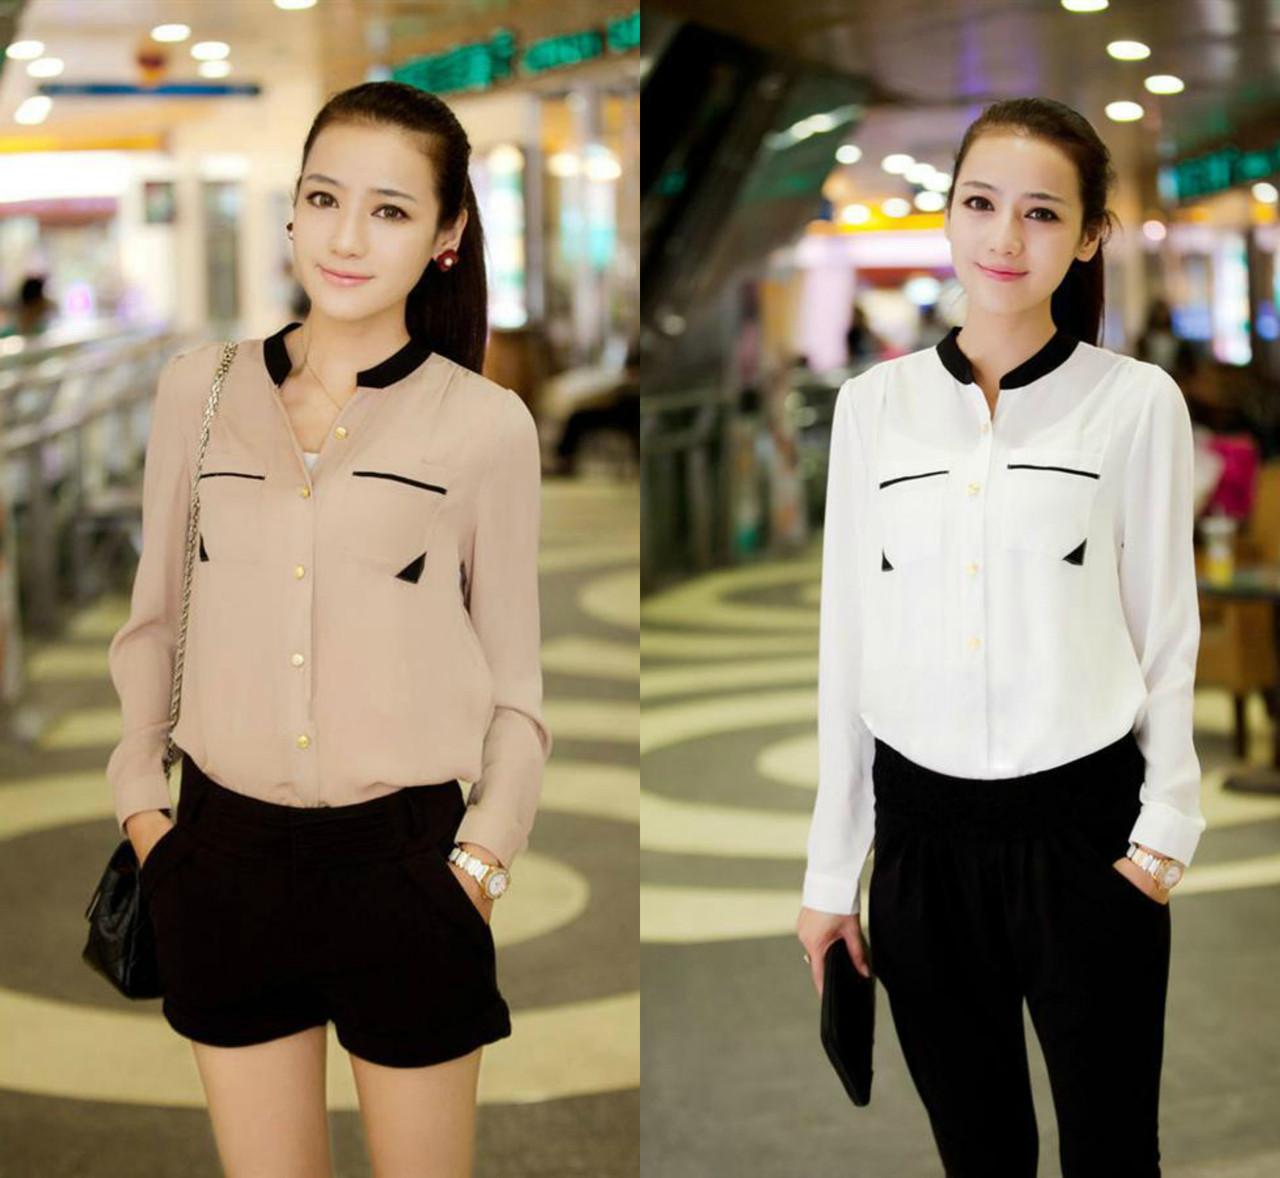 3862a3a75a96635 Рубашка (блузка) женская белая и бежевая, цена 250 грн., купить Киев ...